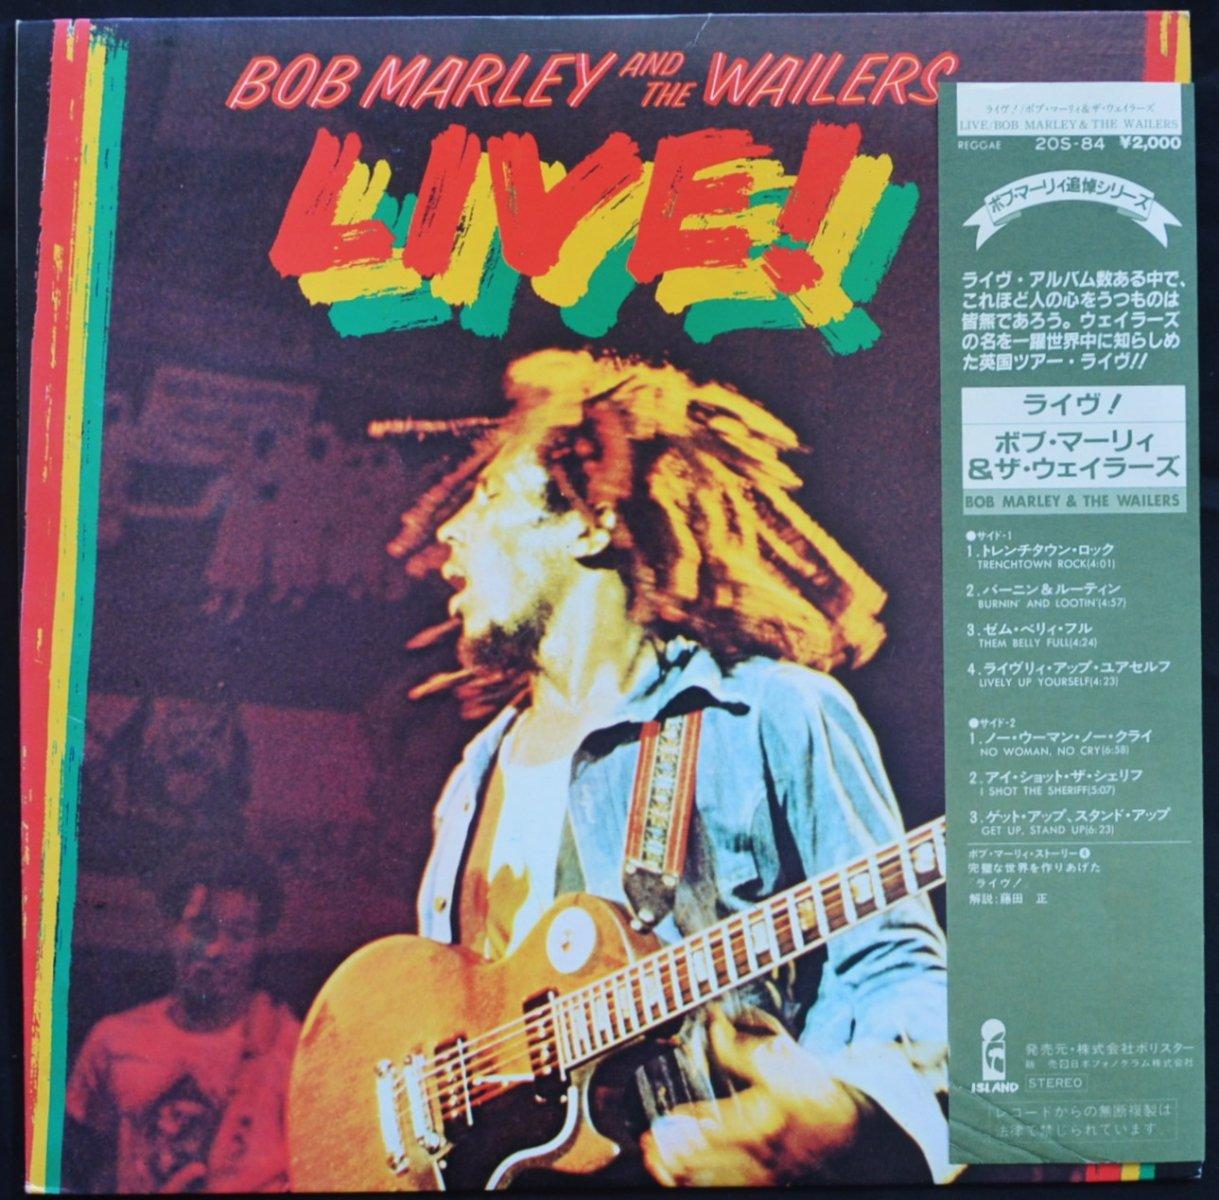 ボブ・マーリィ & ザ・ウェイラーズ BOB MARLEY AND THE WAILERS / ライヴ! LIVE! (LP)